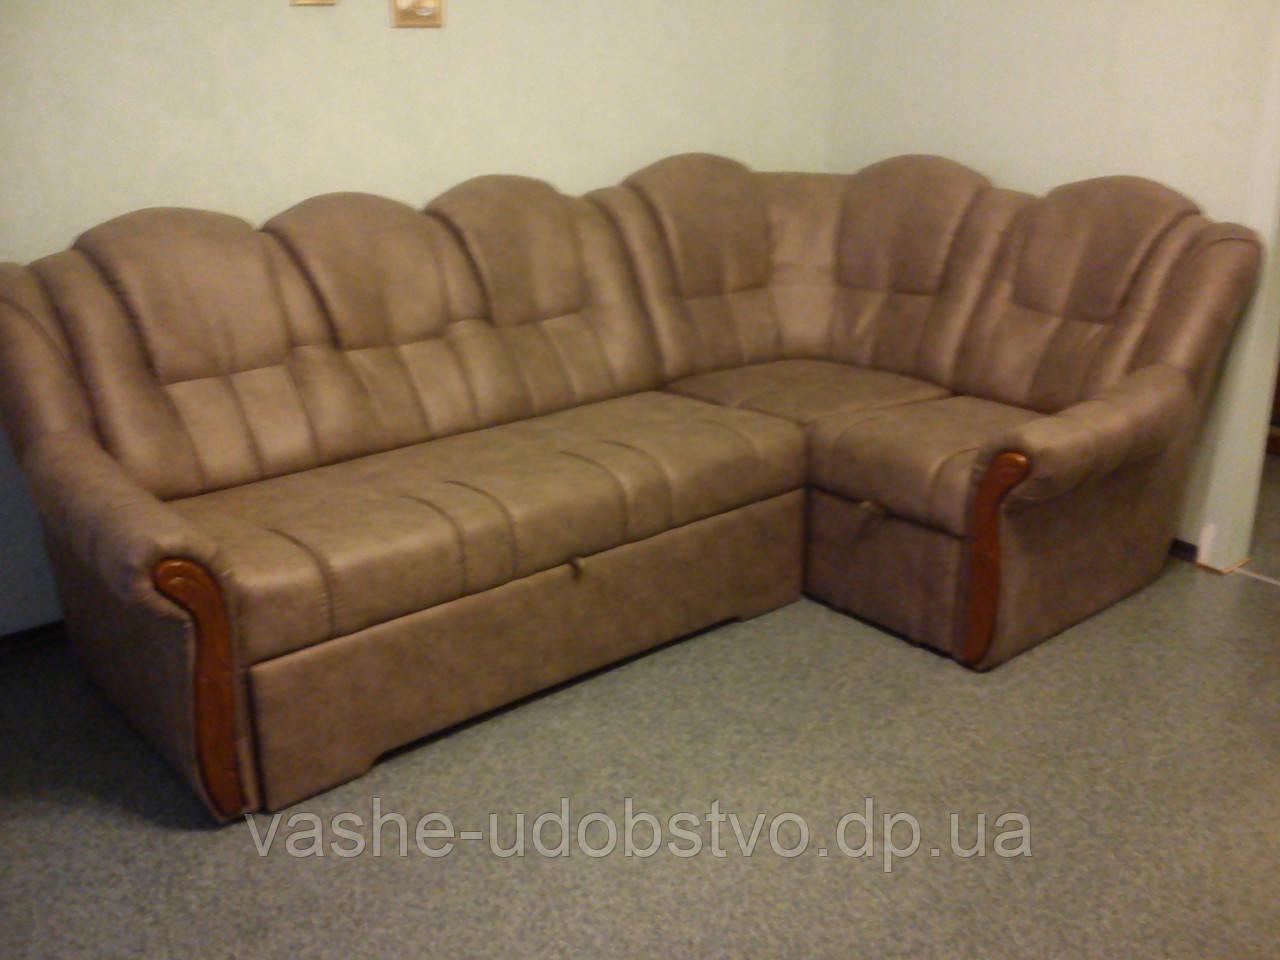 Ремонт углового дивана.